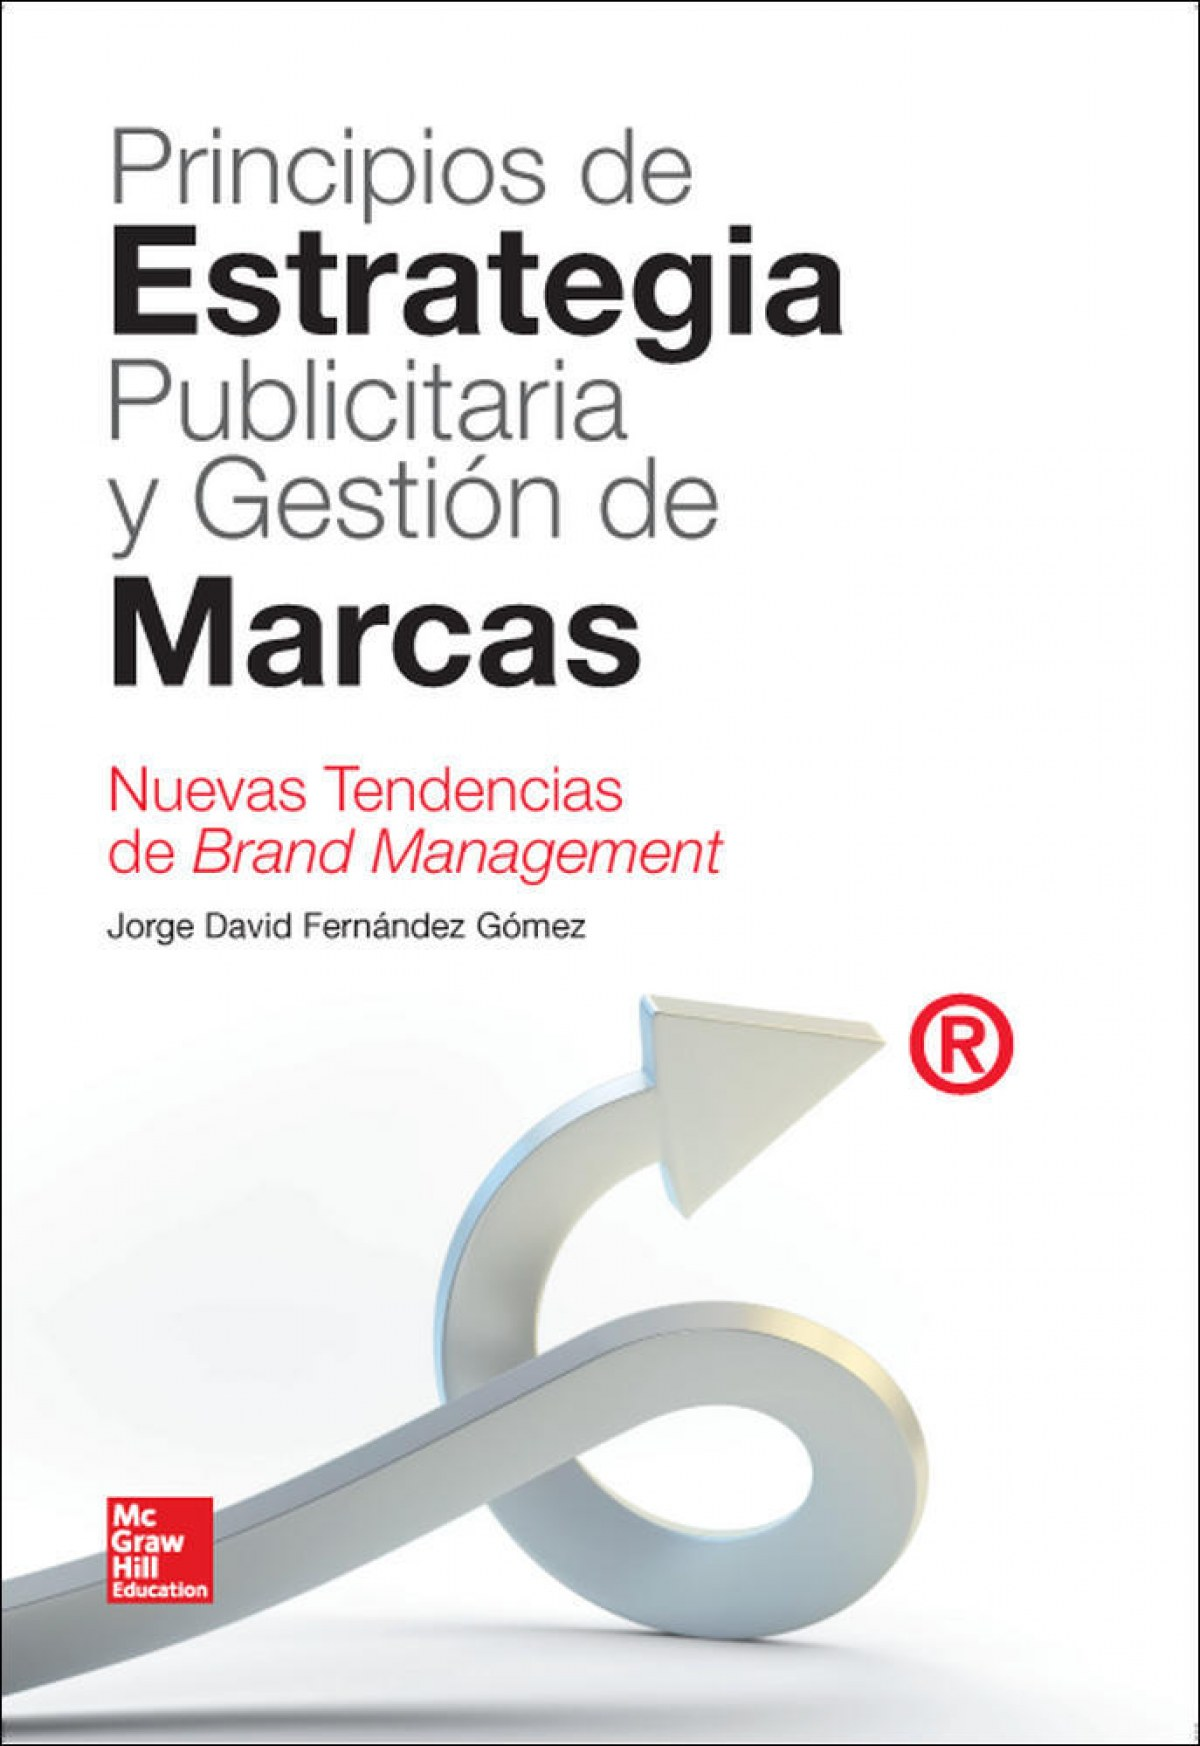 Estrategia publicitaria y gestion marcas